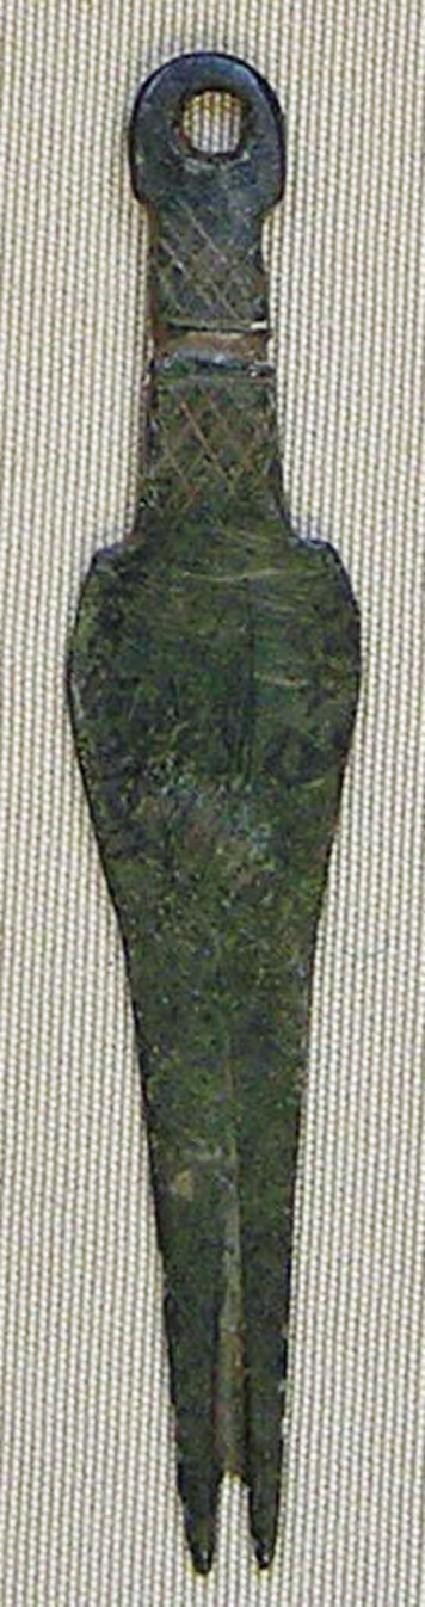 Nail pick